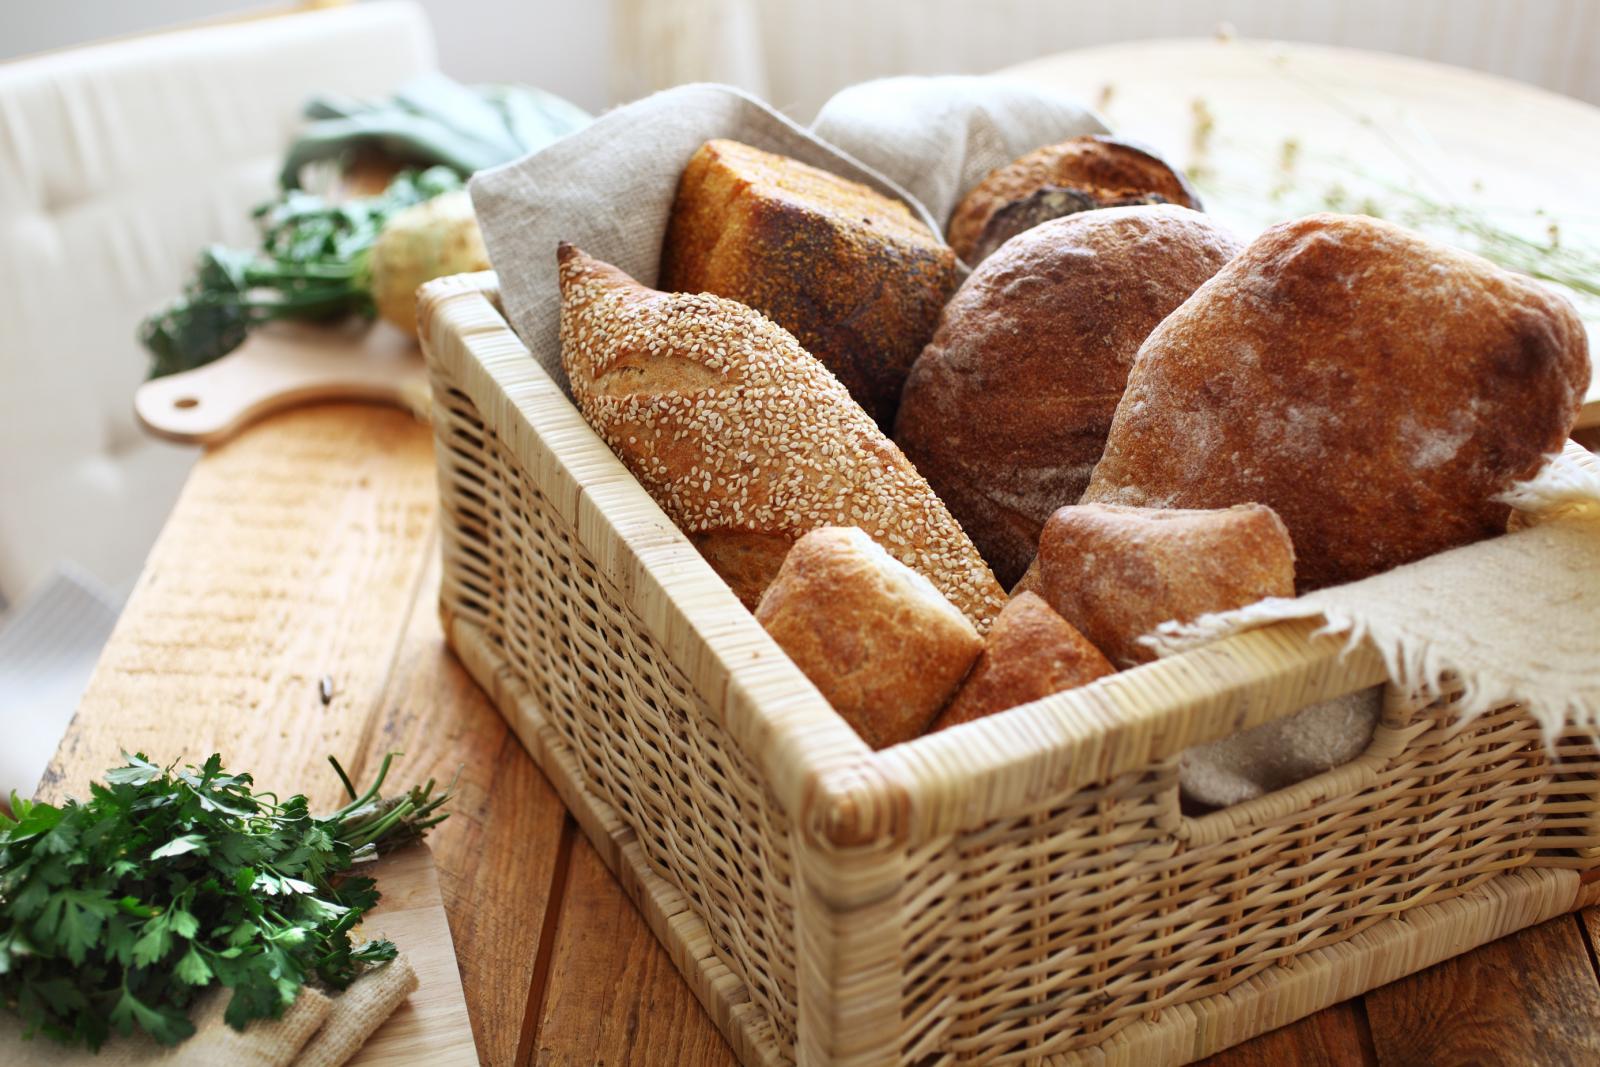 Tijesto s divljim kvasom sadrži prirodne probiotike i laktobacile iz žitarica koji razgrađuju fitinsku kiselinu i teško probavljiv gluten pretvaraju u nutrijente.